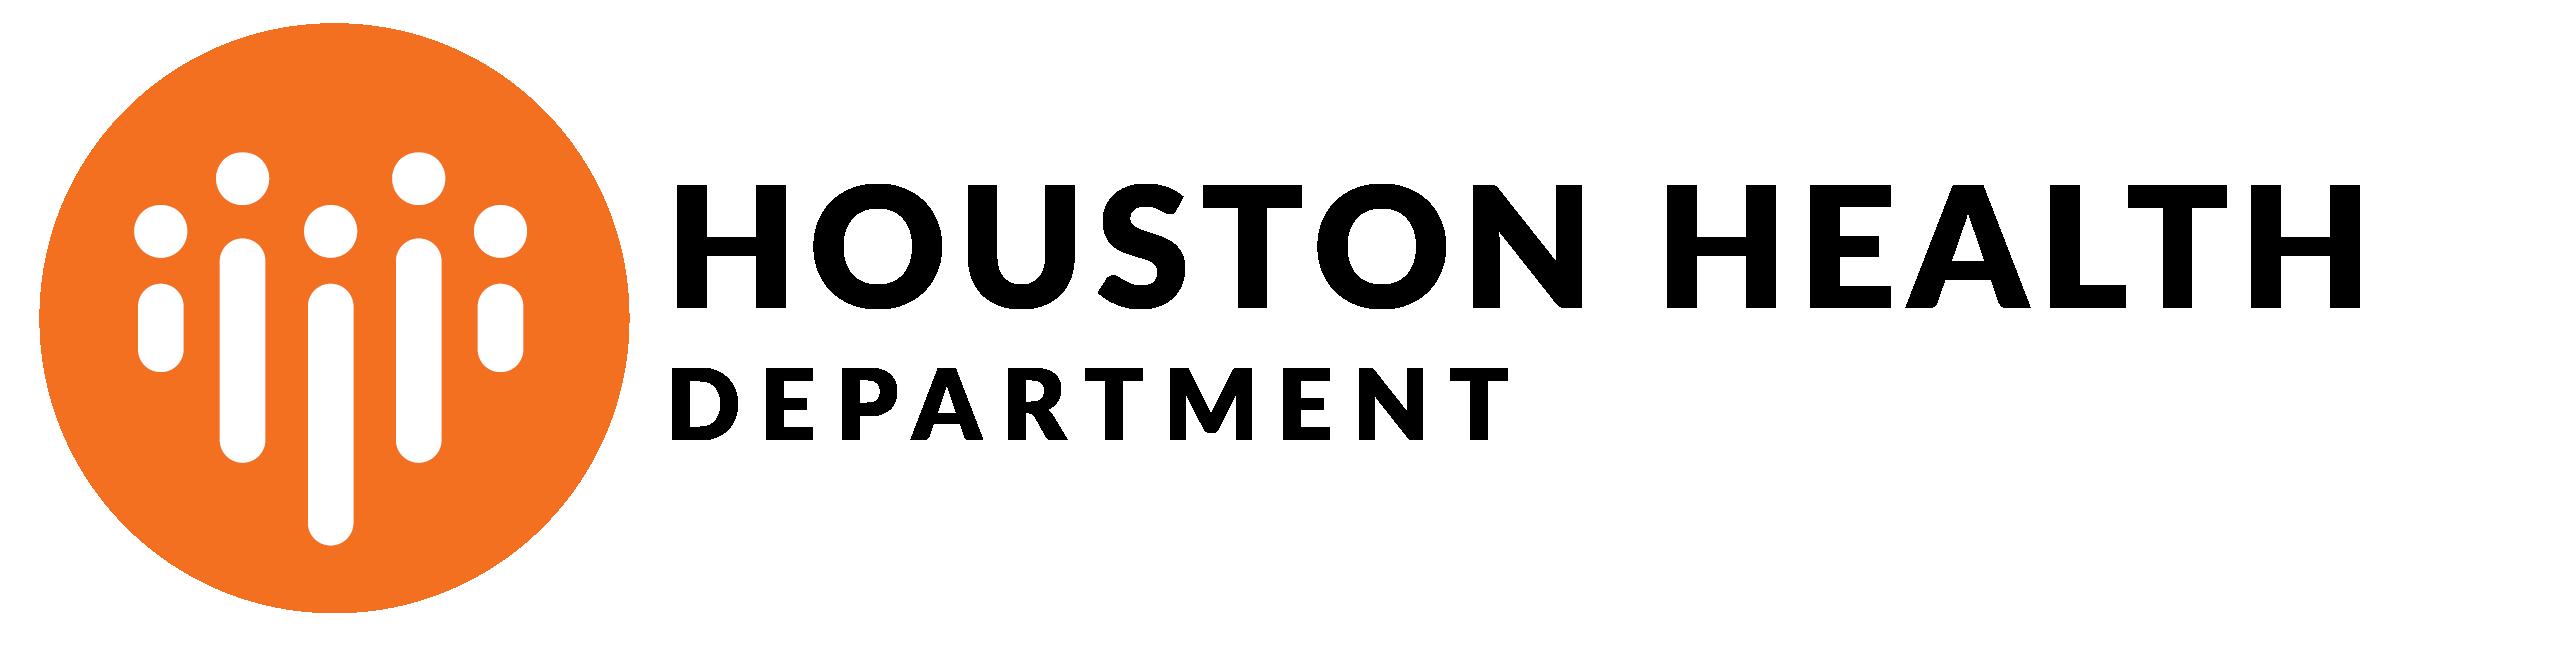 HHD_logo